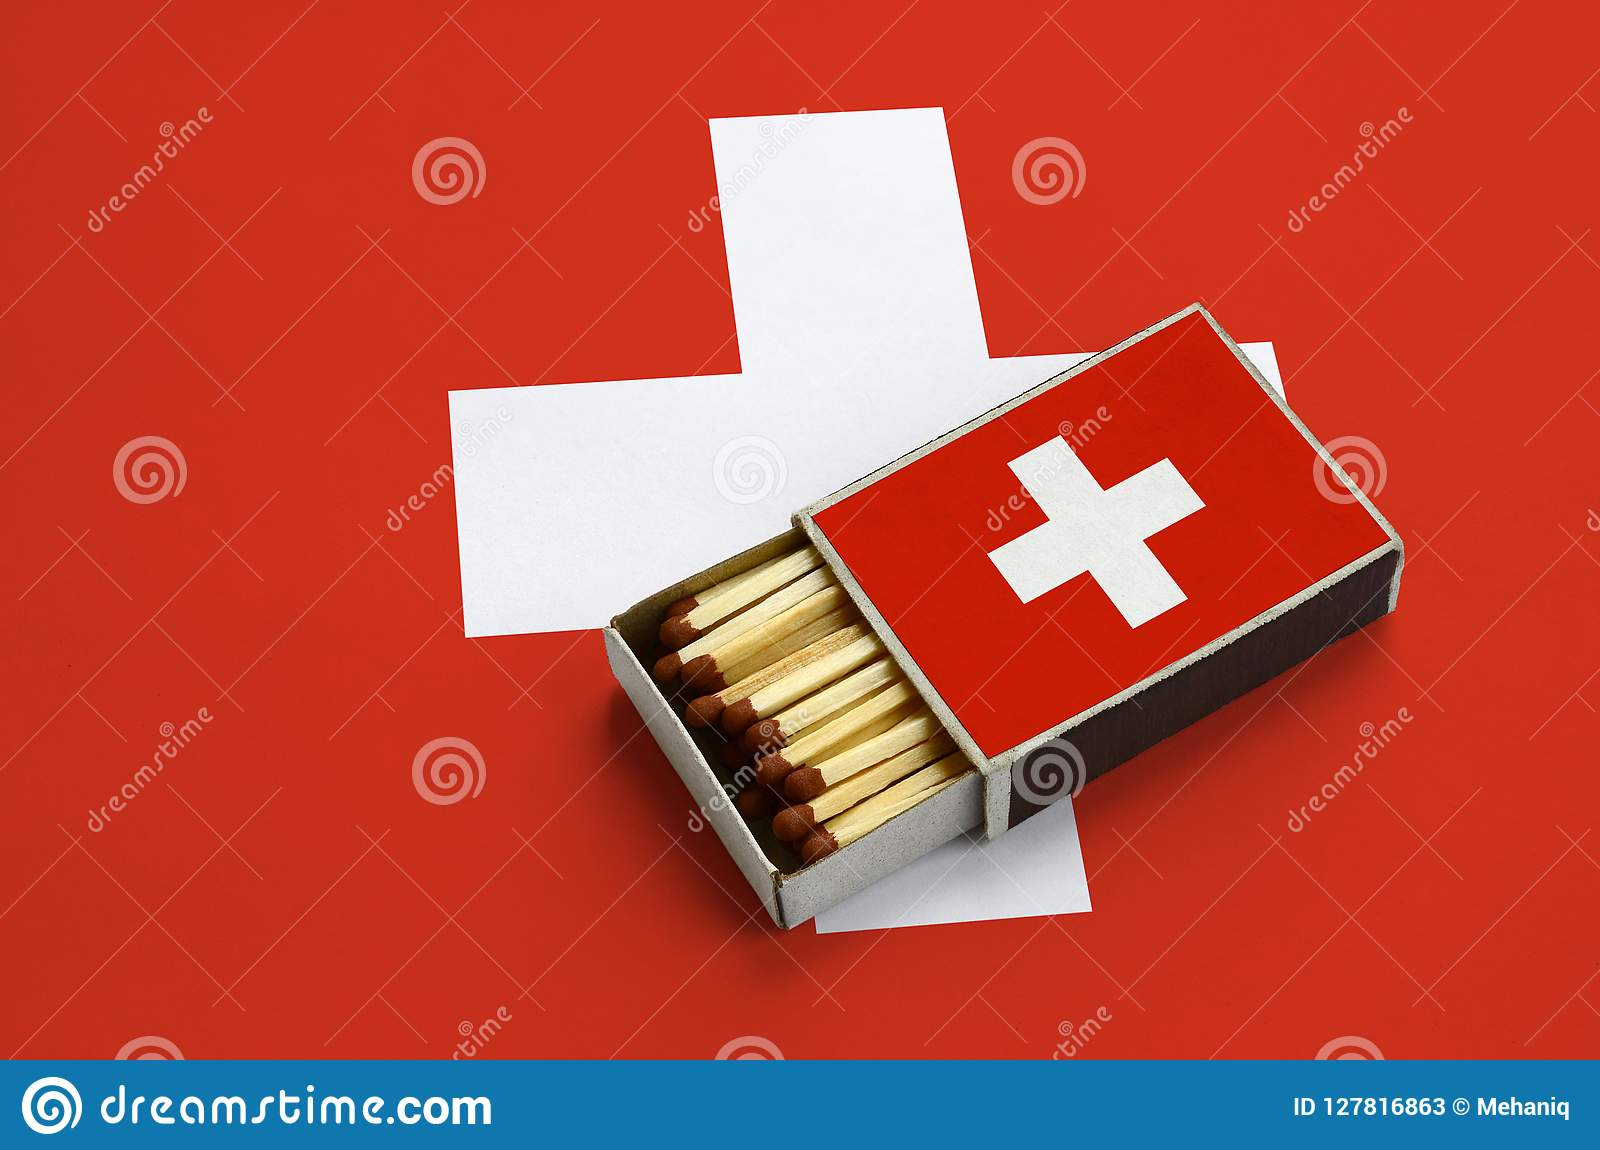 Le drapeau de la Suisse est montré dans une boîte d allumettes ouverte, qui est remplie de matchs et se trouve sur un grand drape